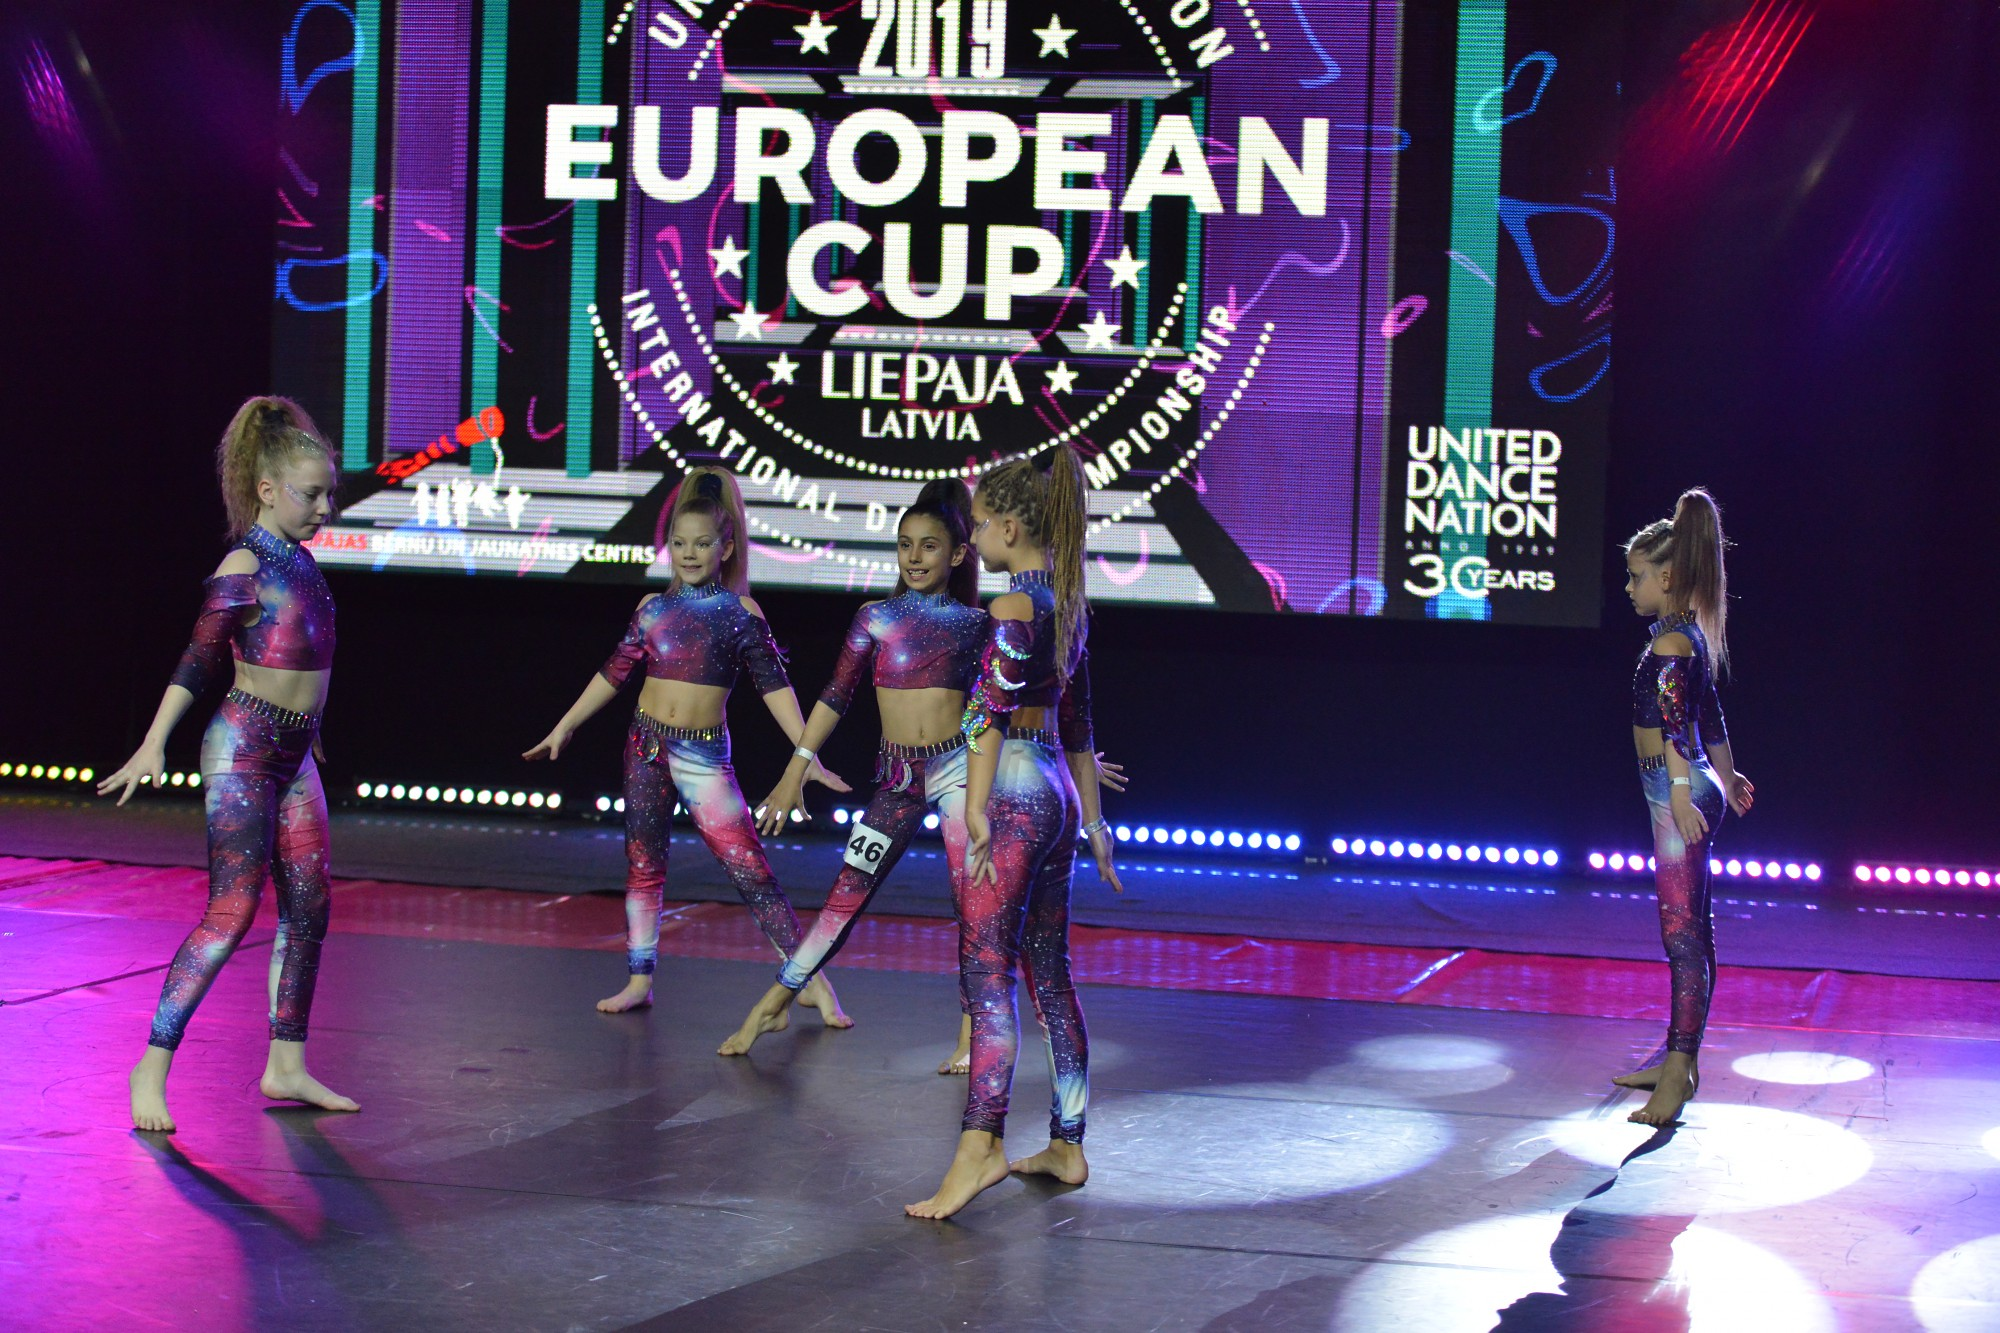 Впервые у нас — чемпионат Европы по танцам